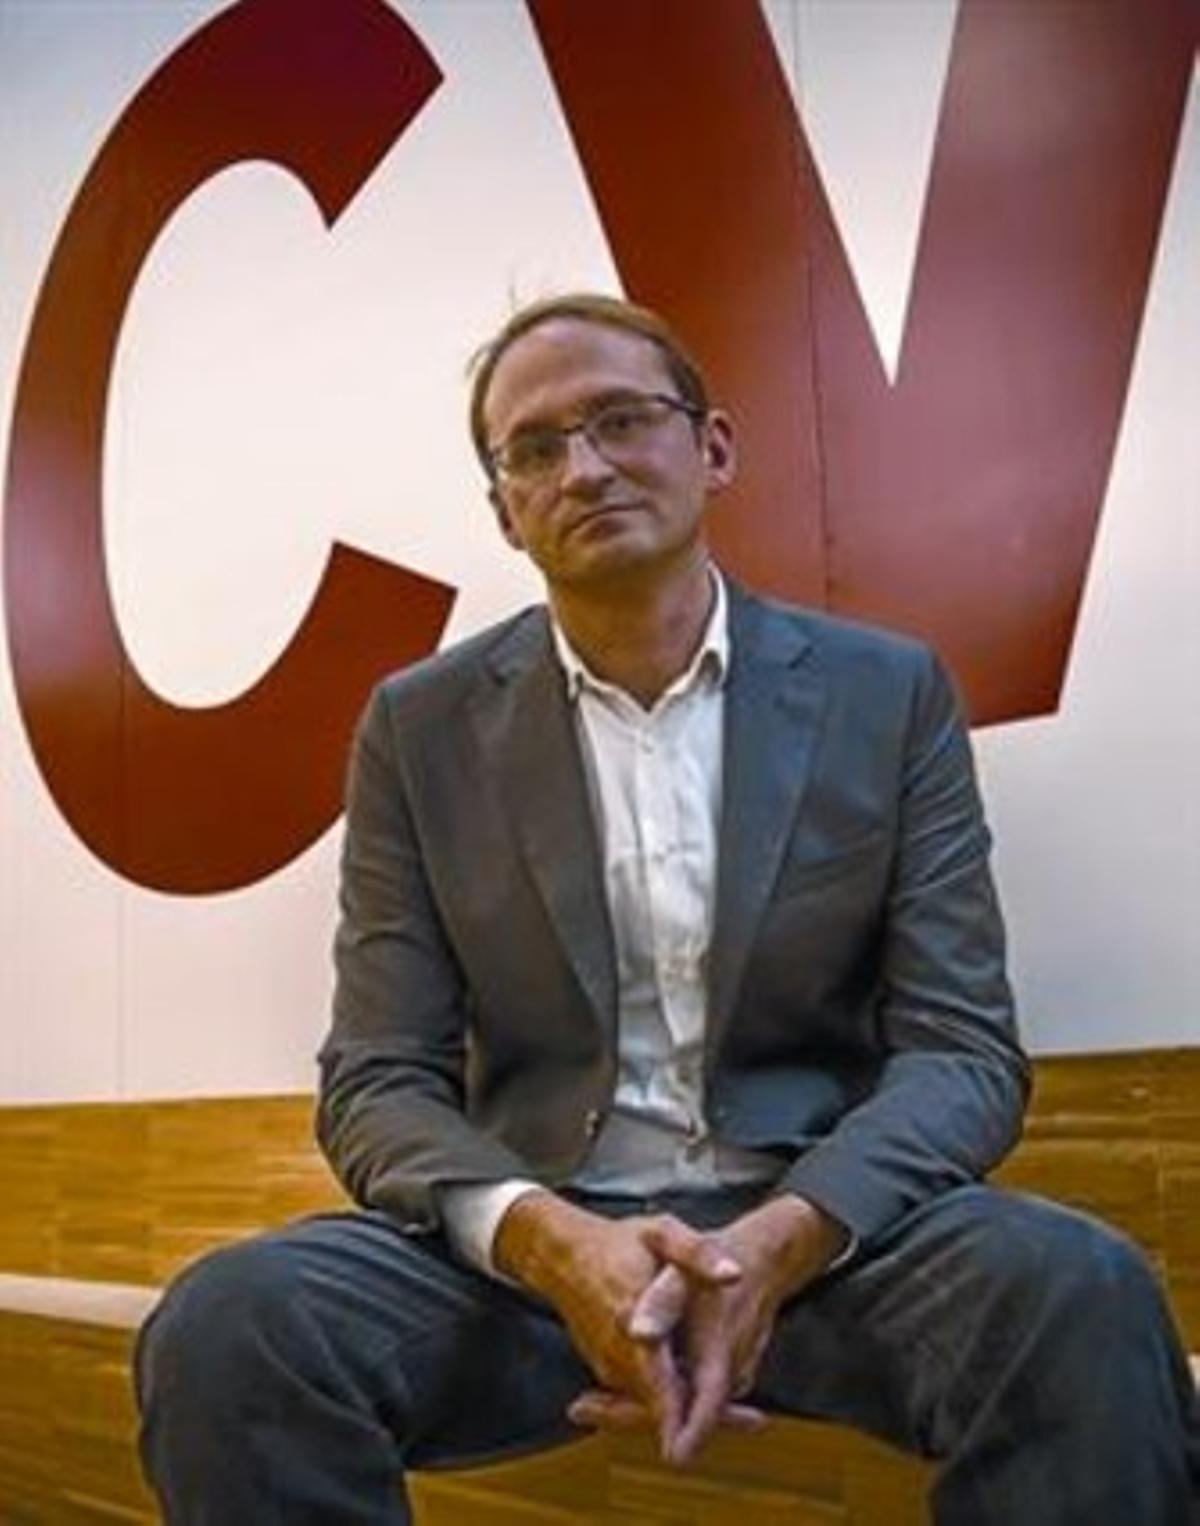 El secretario general de ICV, Joan Herrera, en la sede nacional del partido, después de la entrevista.